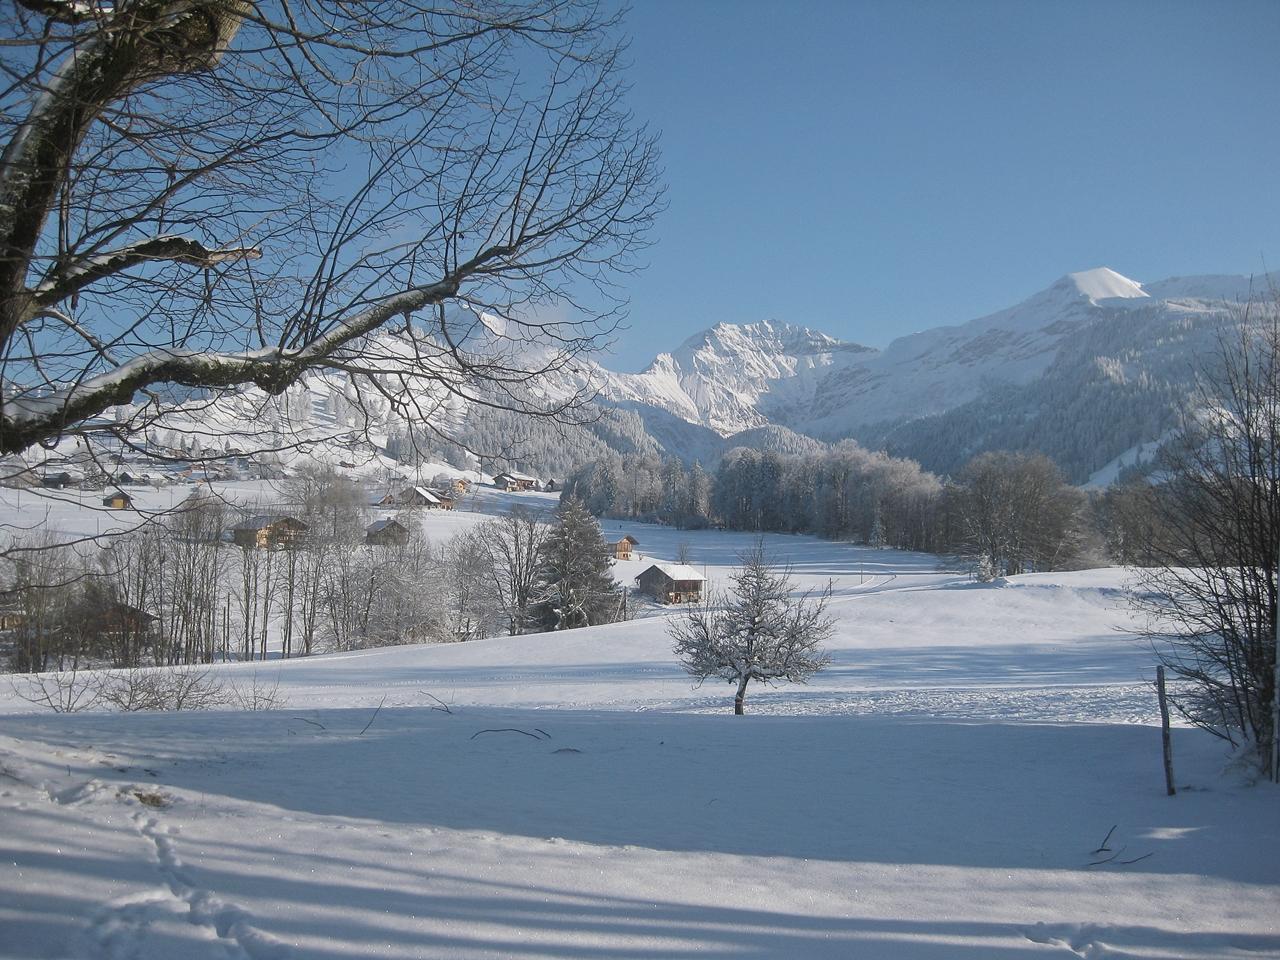 An einem wunderschönen Wintertag mit Thamiam in den Bergen - On a beautiful winter day with Thamiam in the mountains